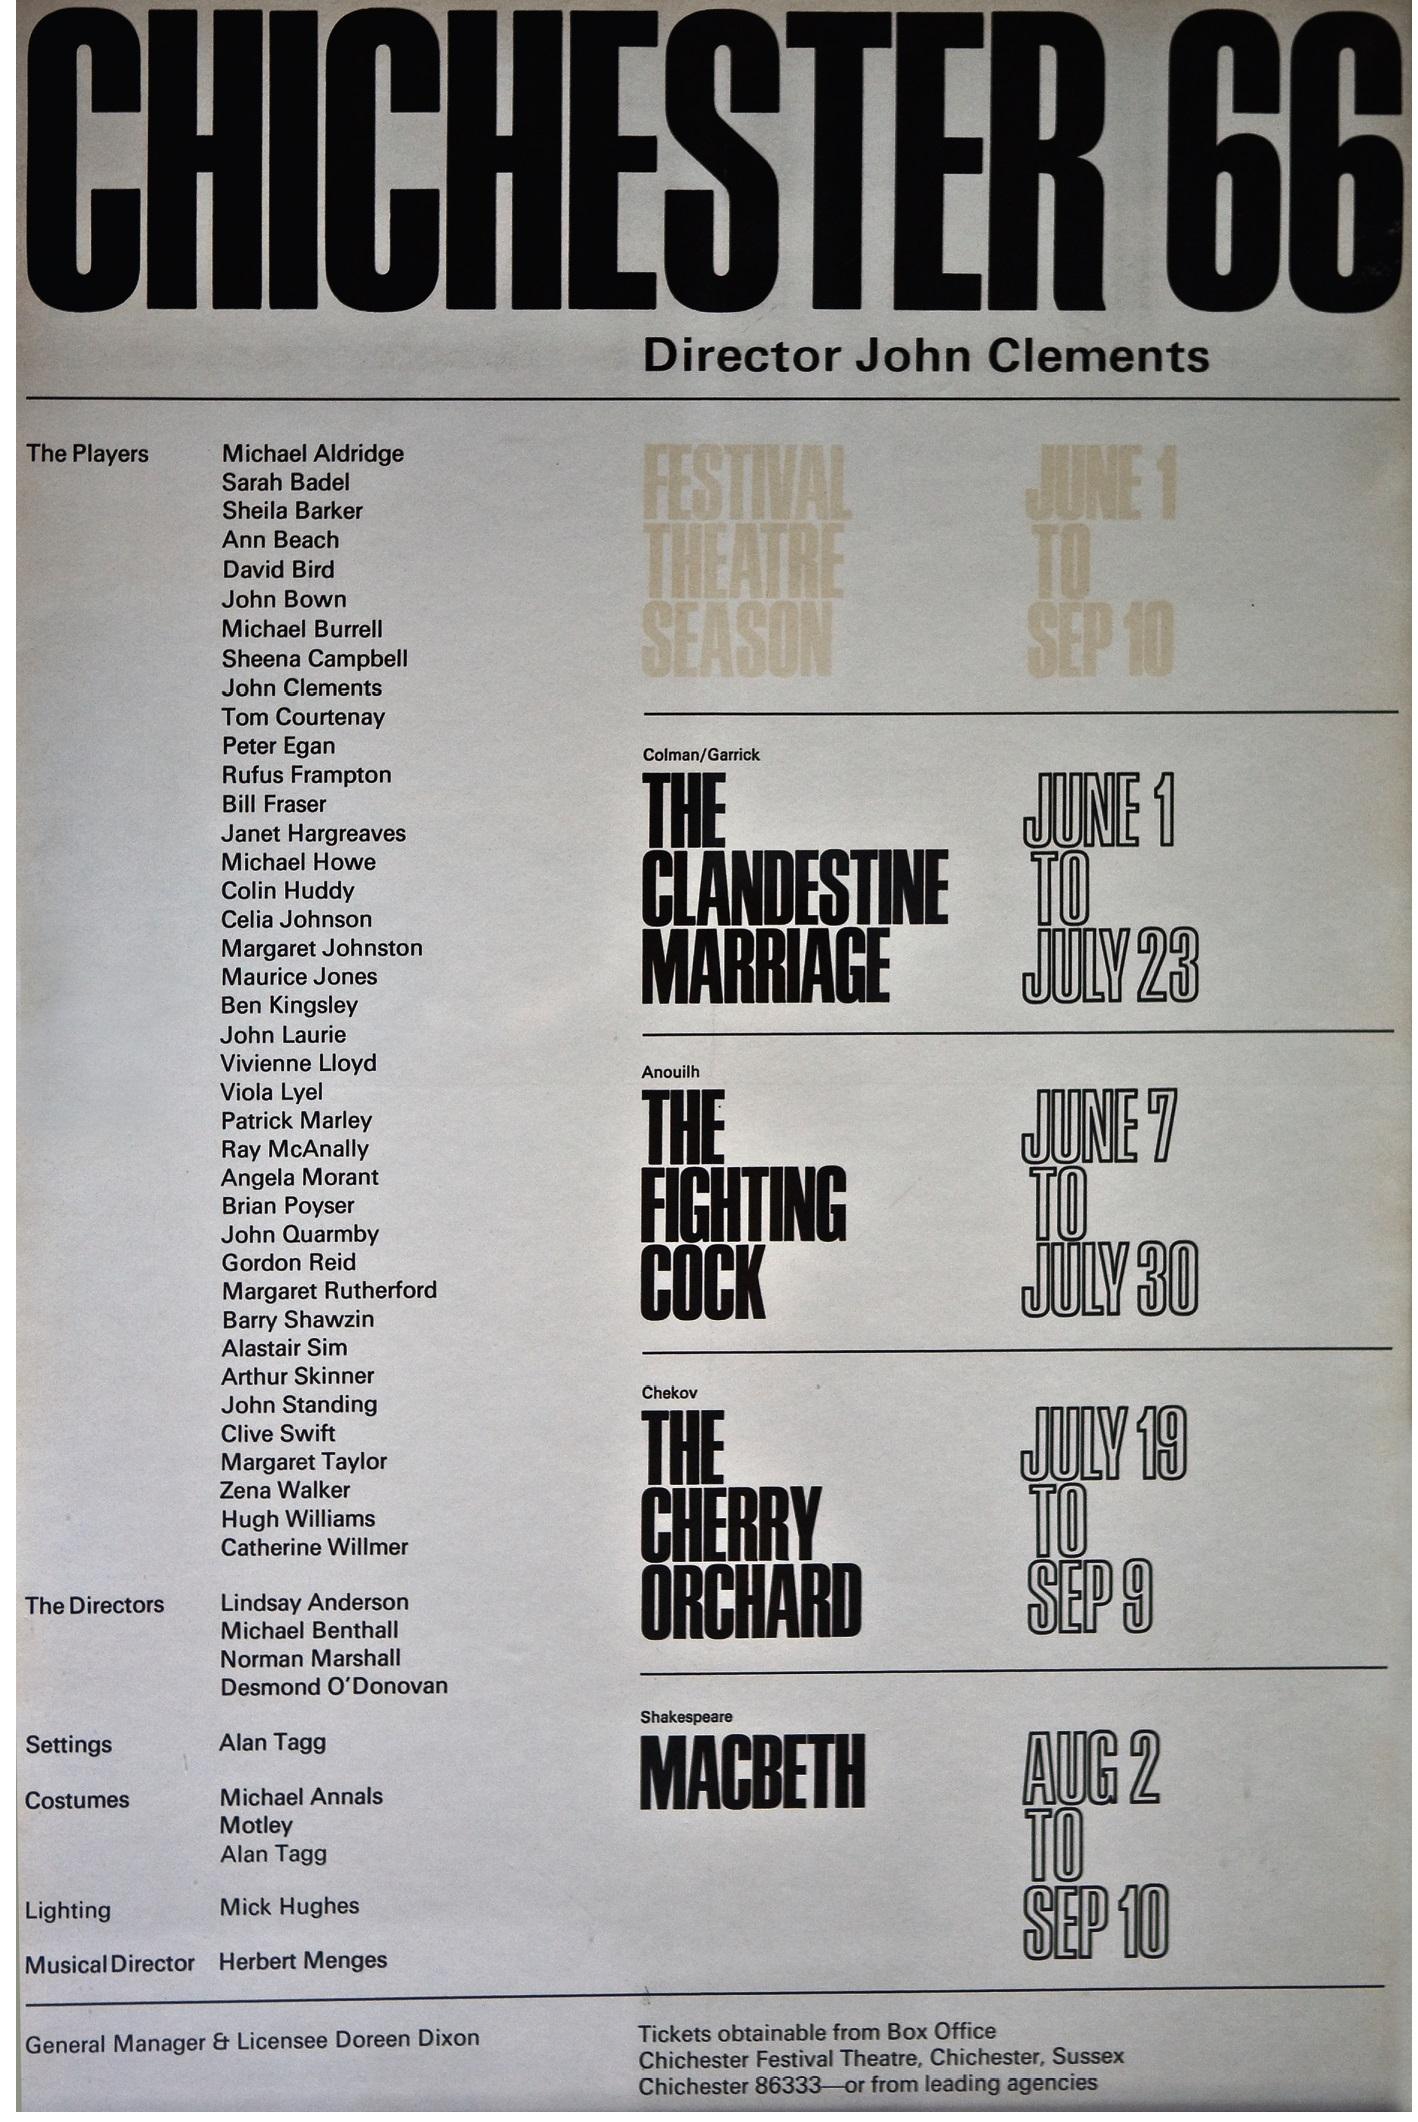 CFT 1966 Season Poster